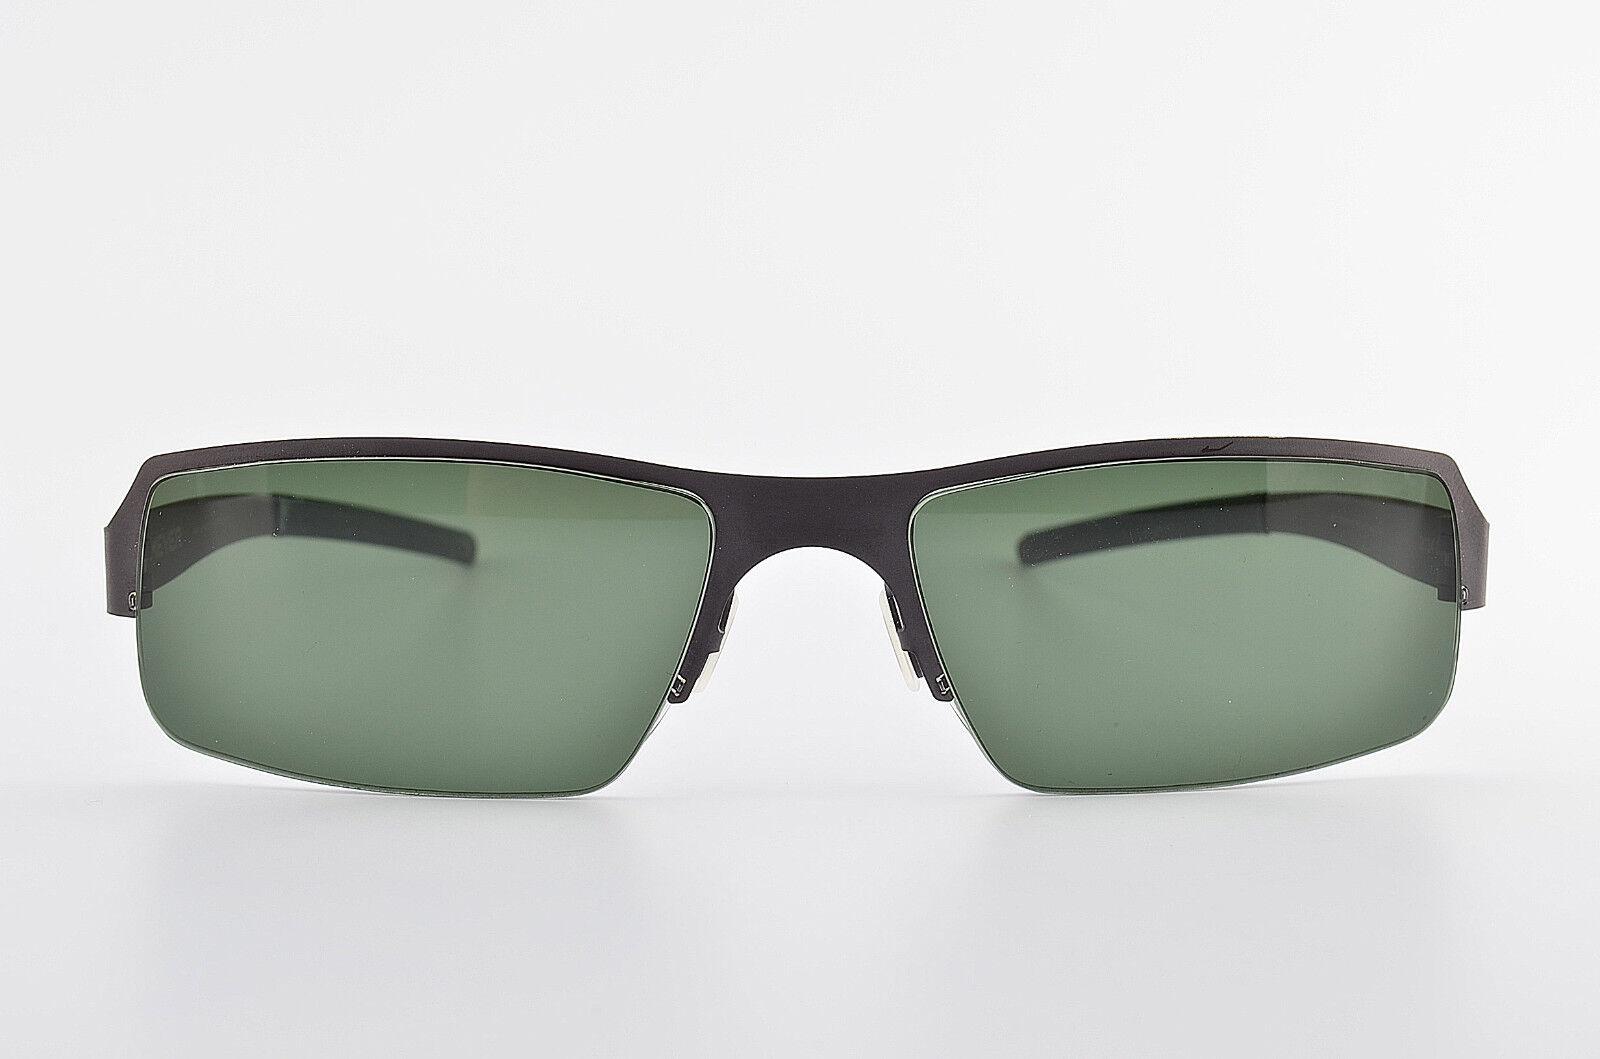 MEYER Titan Brille Wrap Sunglasses Men Half Half Half Rim Halbrand Sonnenbrille 2034.05   Verrückter Preis  1936fc